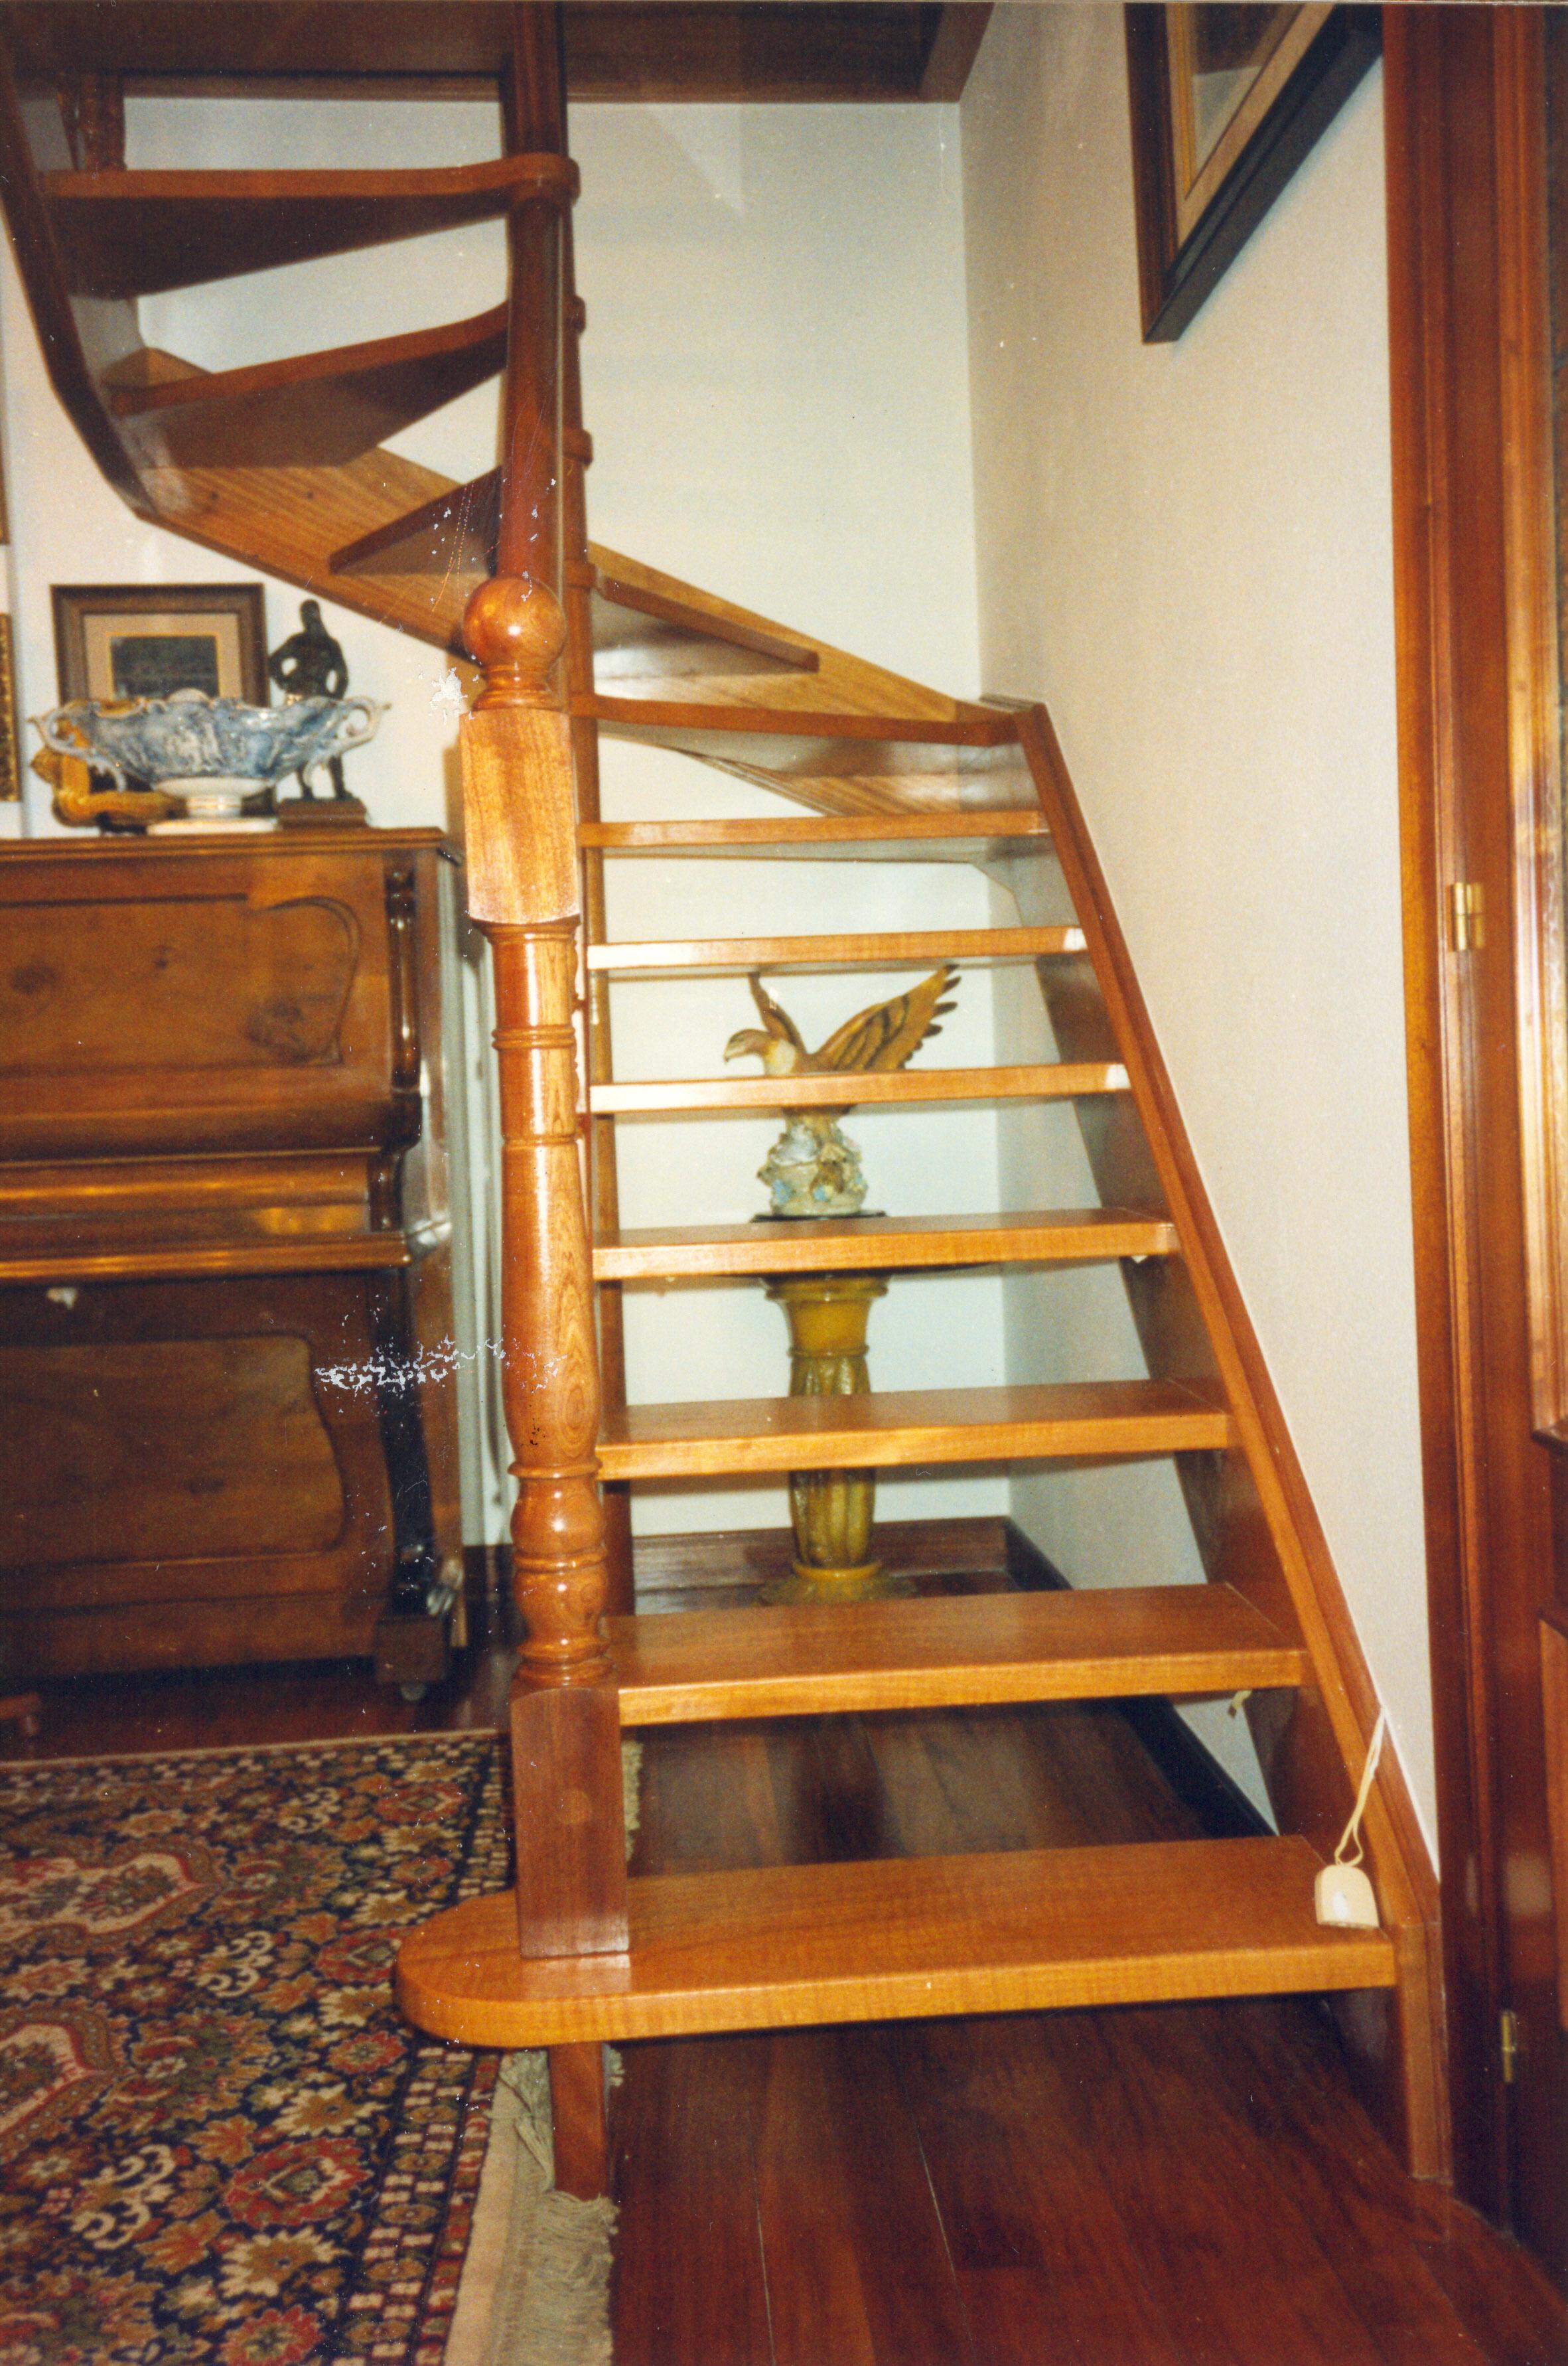 Escaleras a medida escalerasmazustegui - Medidas escaleras de caracol ...